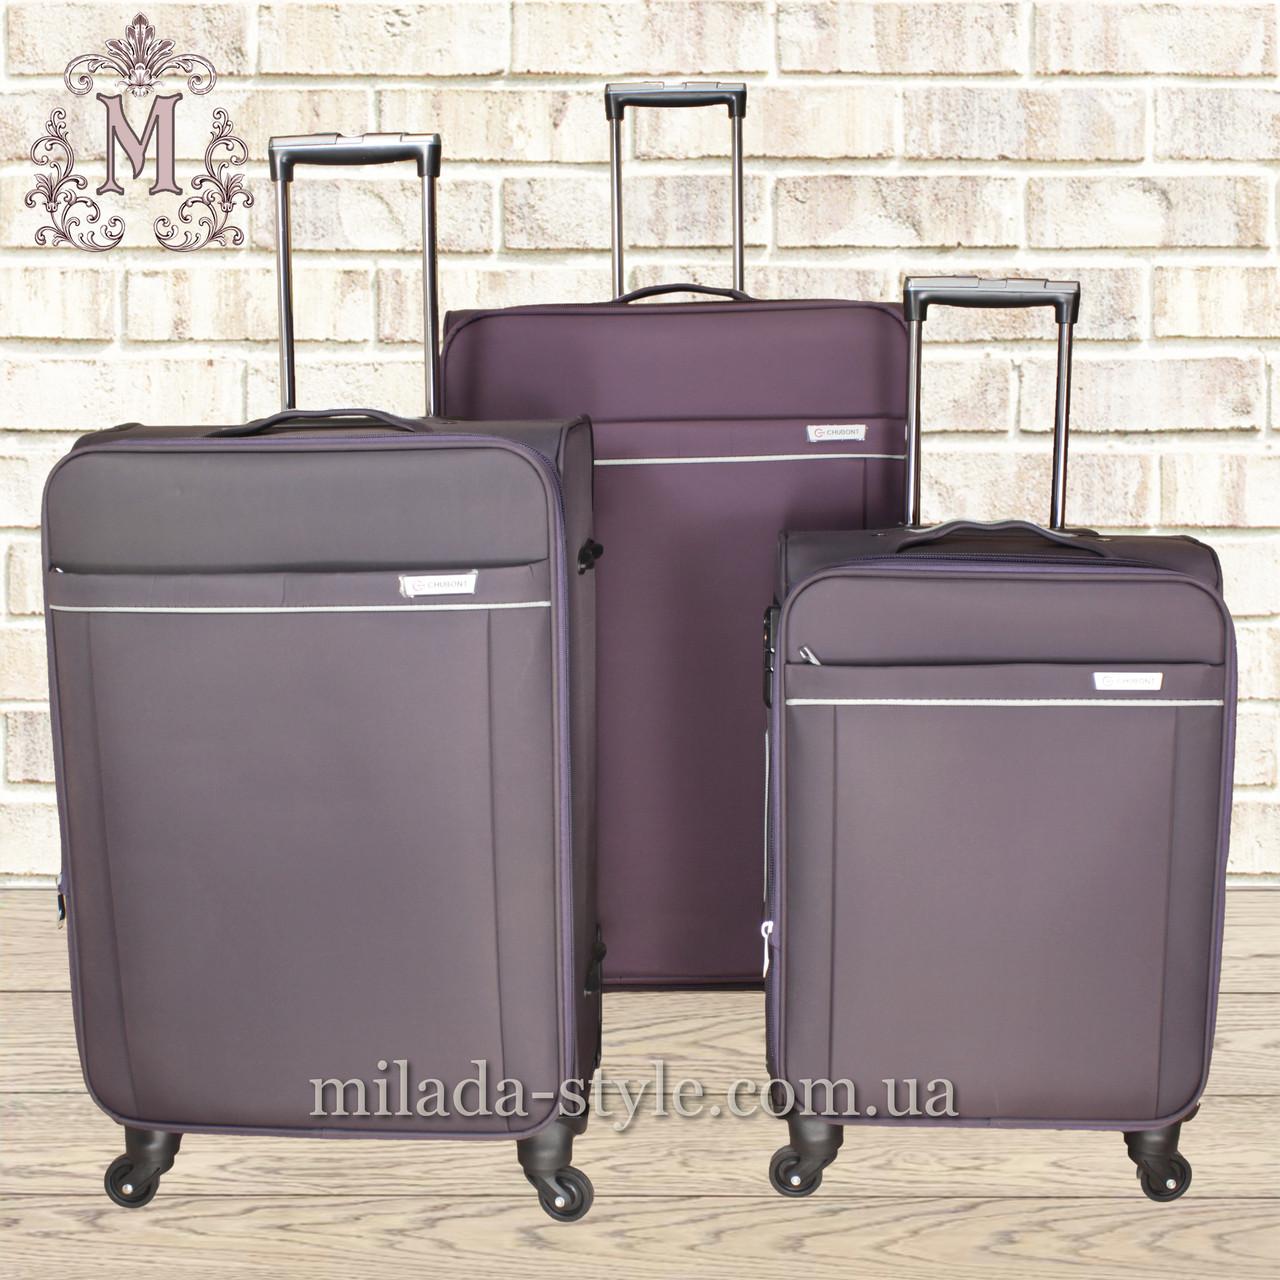 Комплект чемоданов  4 колеса